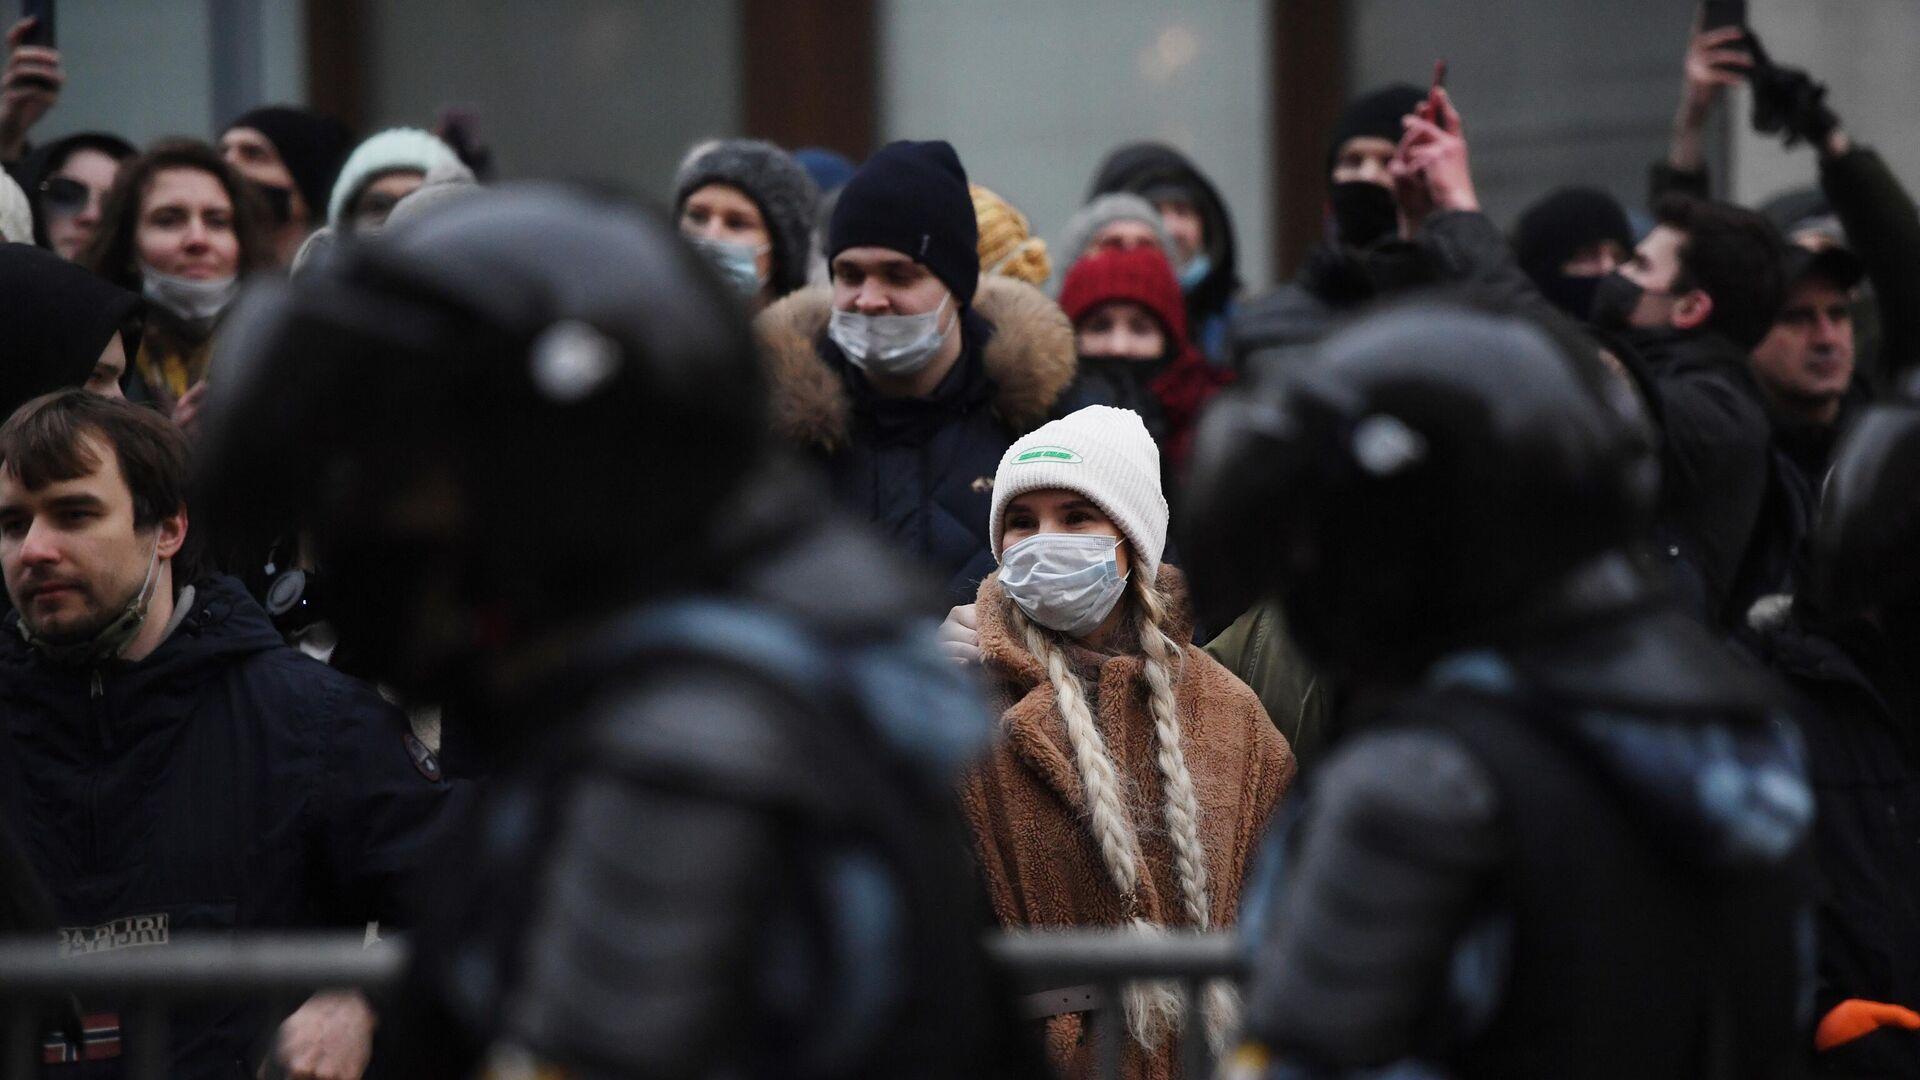 Участники несанкционированной акции сторонников Алексея Навального в Москве - РИА Новости, 1920, 25.01.2021